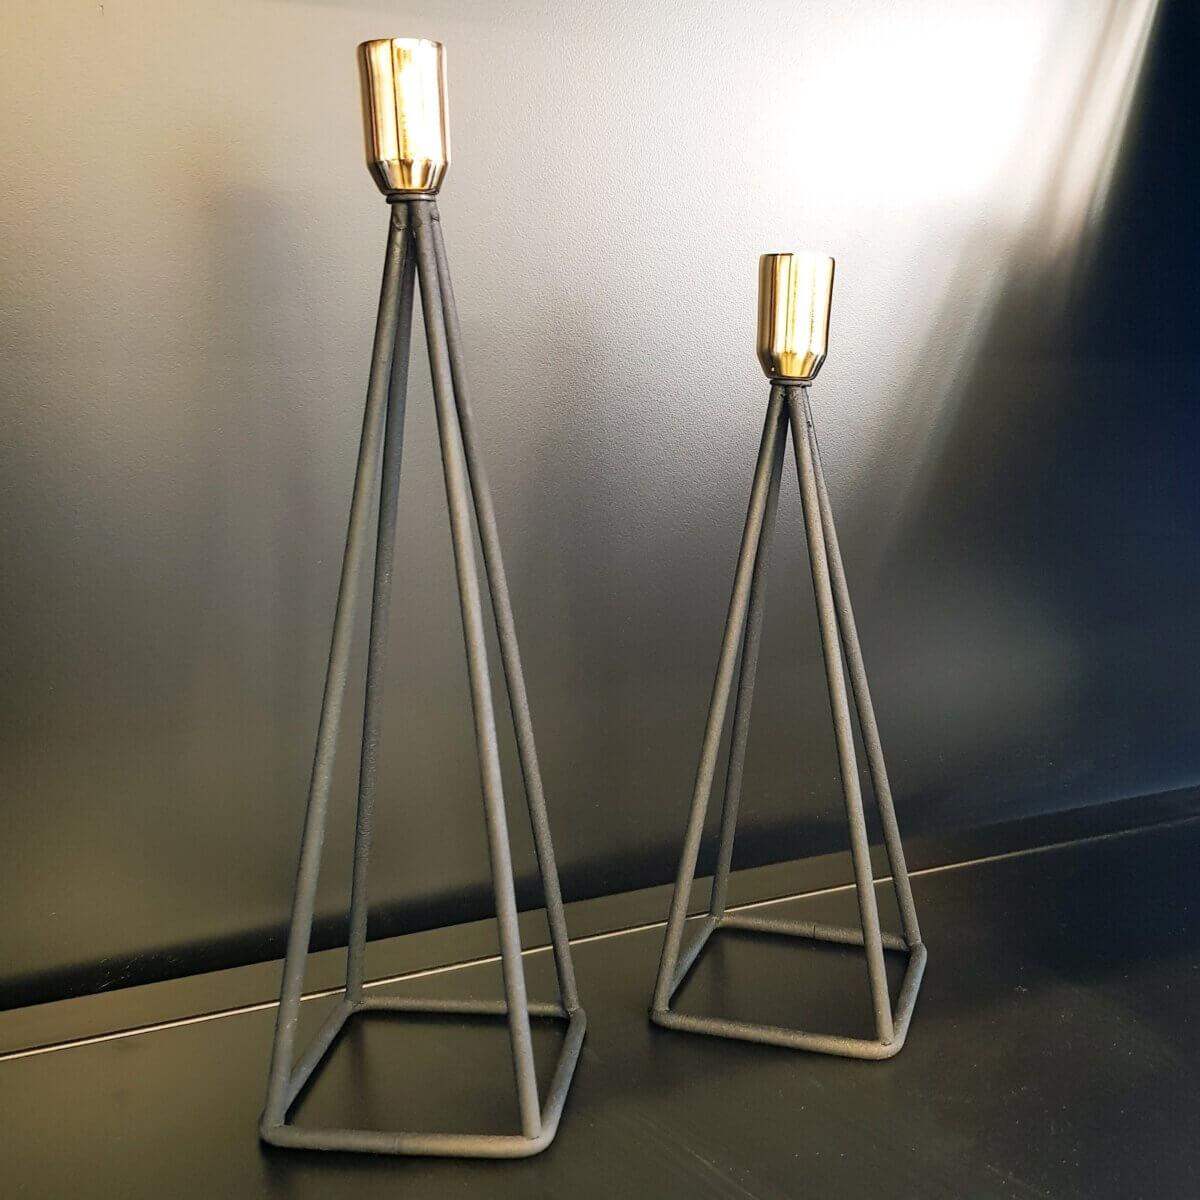 İkili Piramit Mumluk Metal Şamdan Seti Dekoratif Ürünler